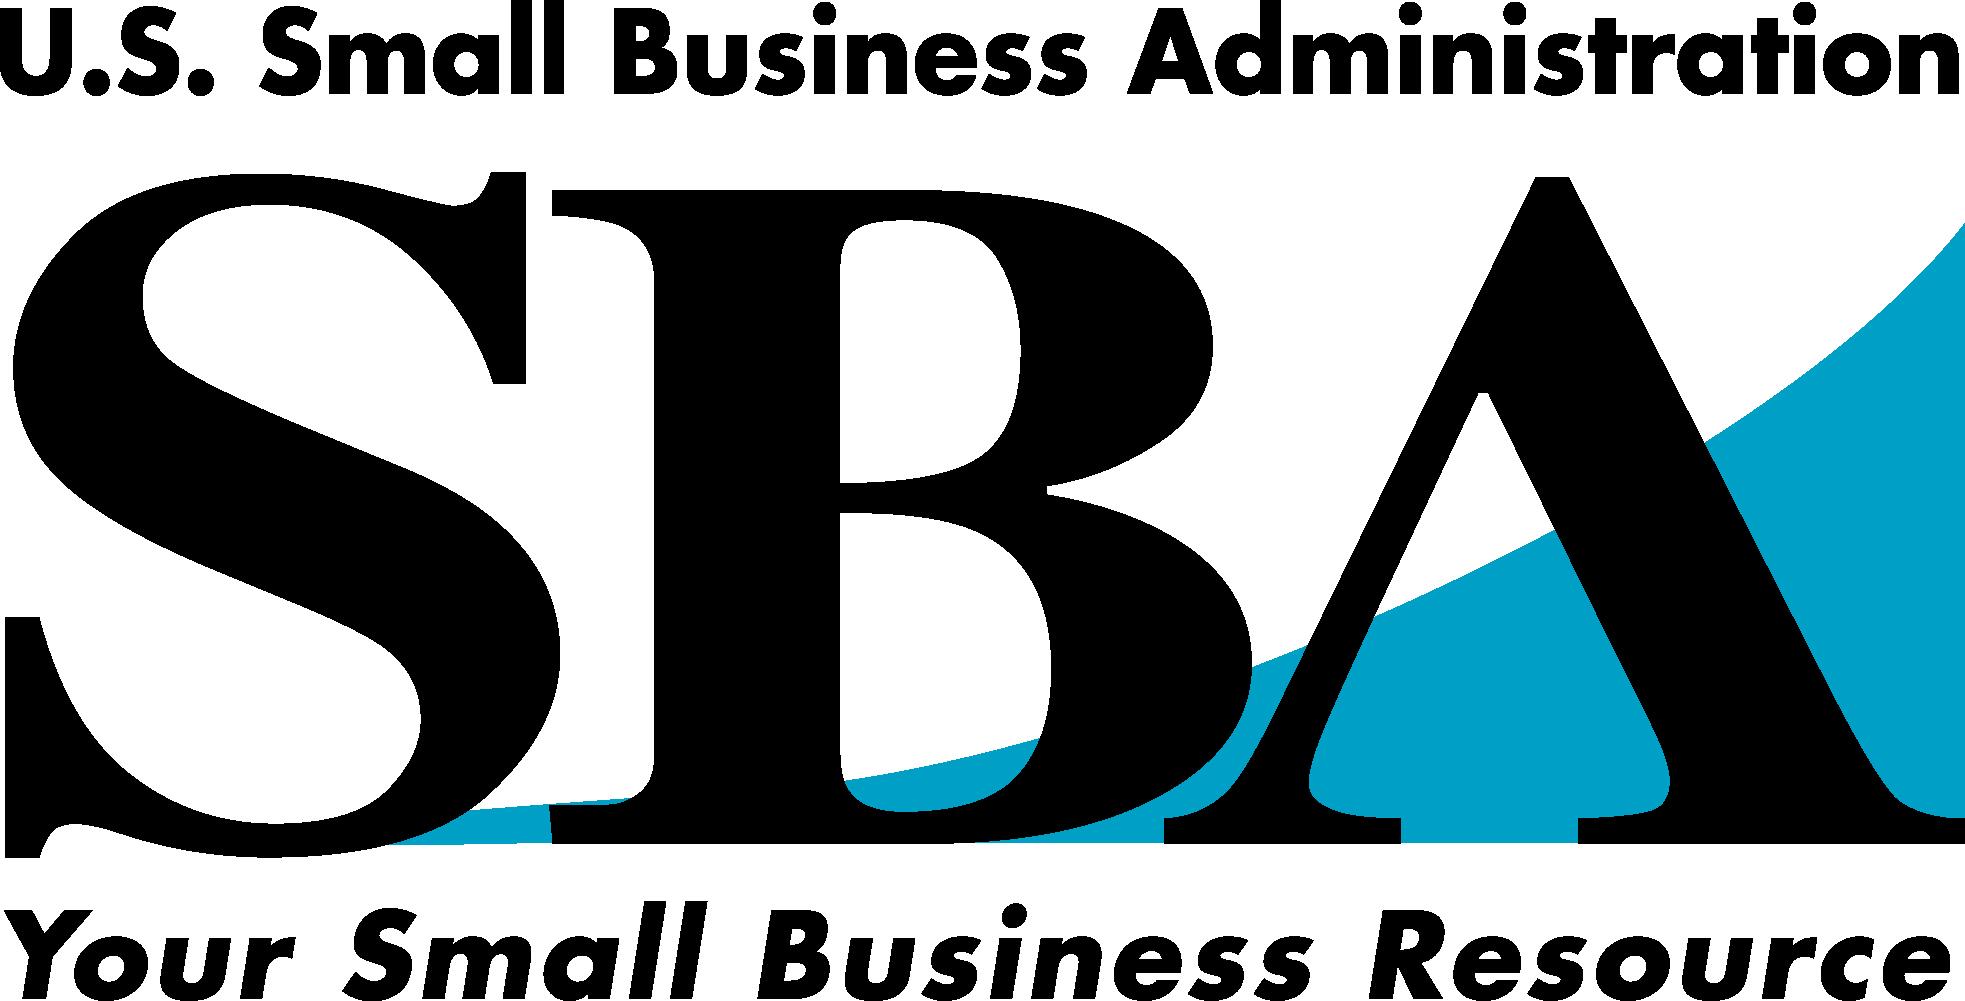 Programa de Prestamos del Small Business Administration (SBA) en los EEUU.